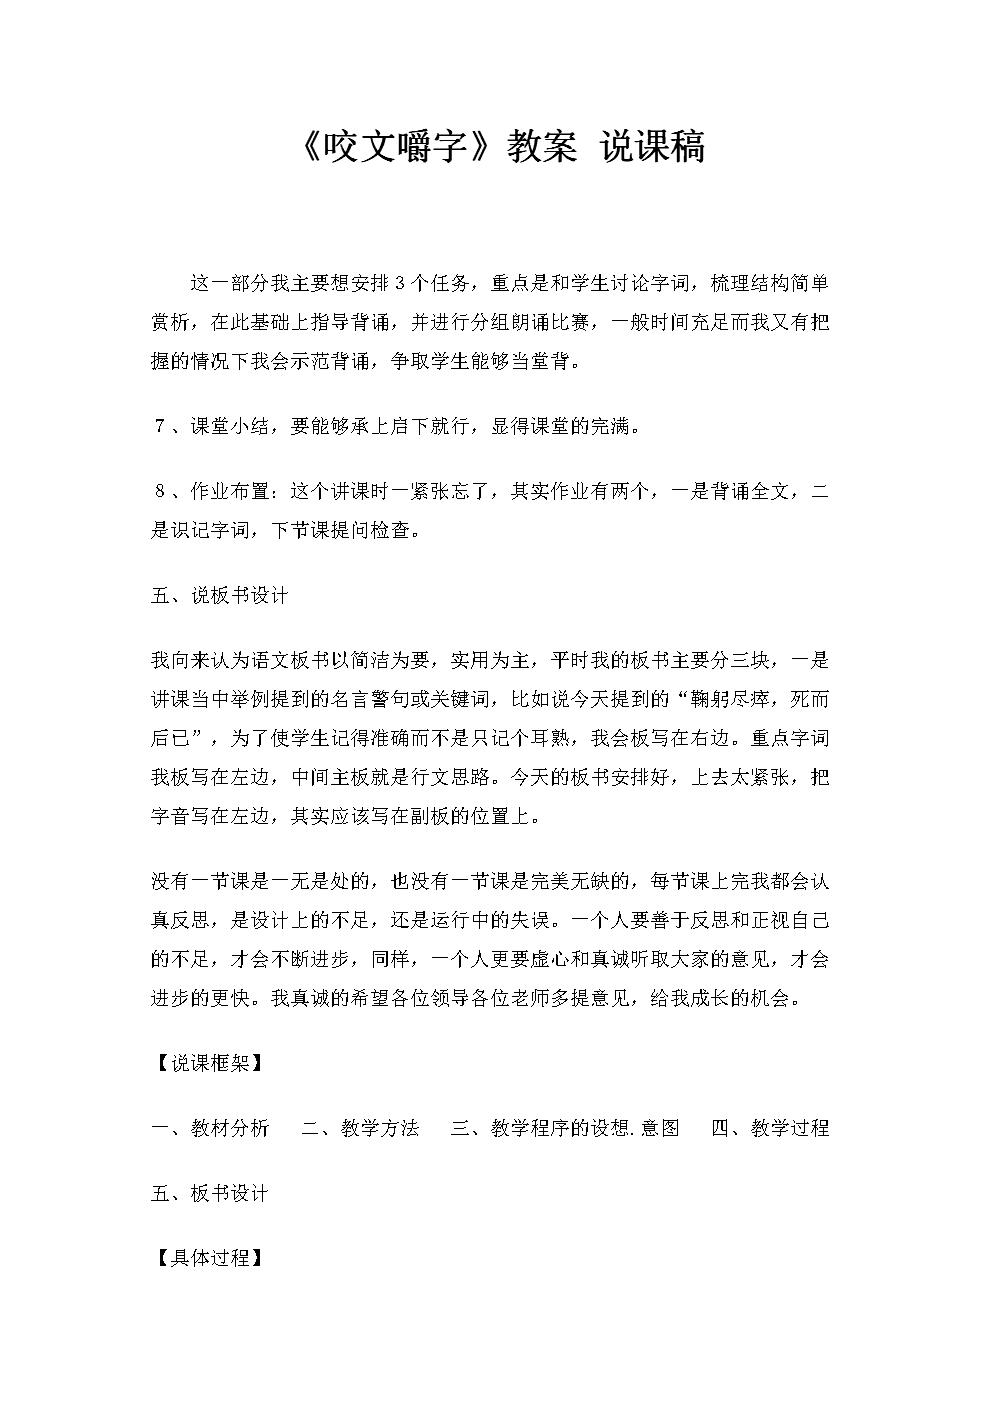 《咬文嚼字》教案说课稿.doc